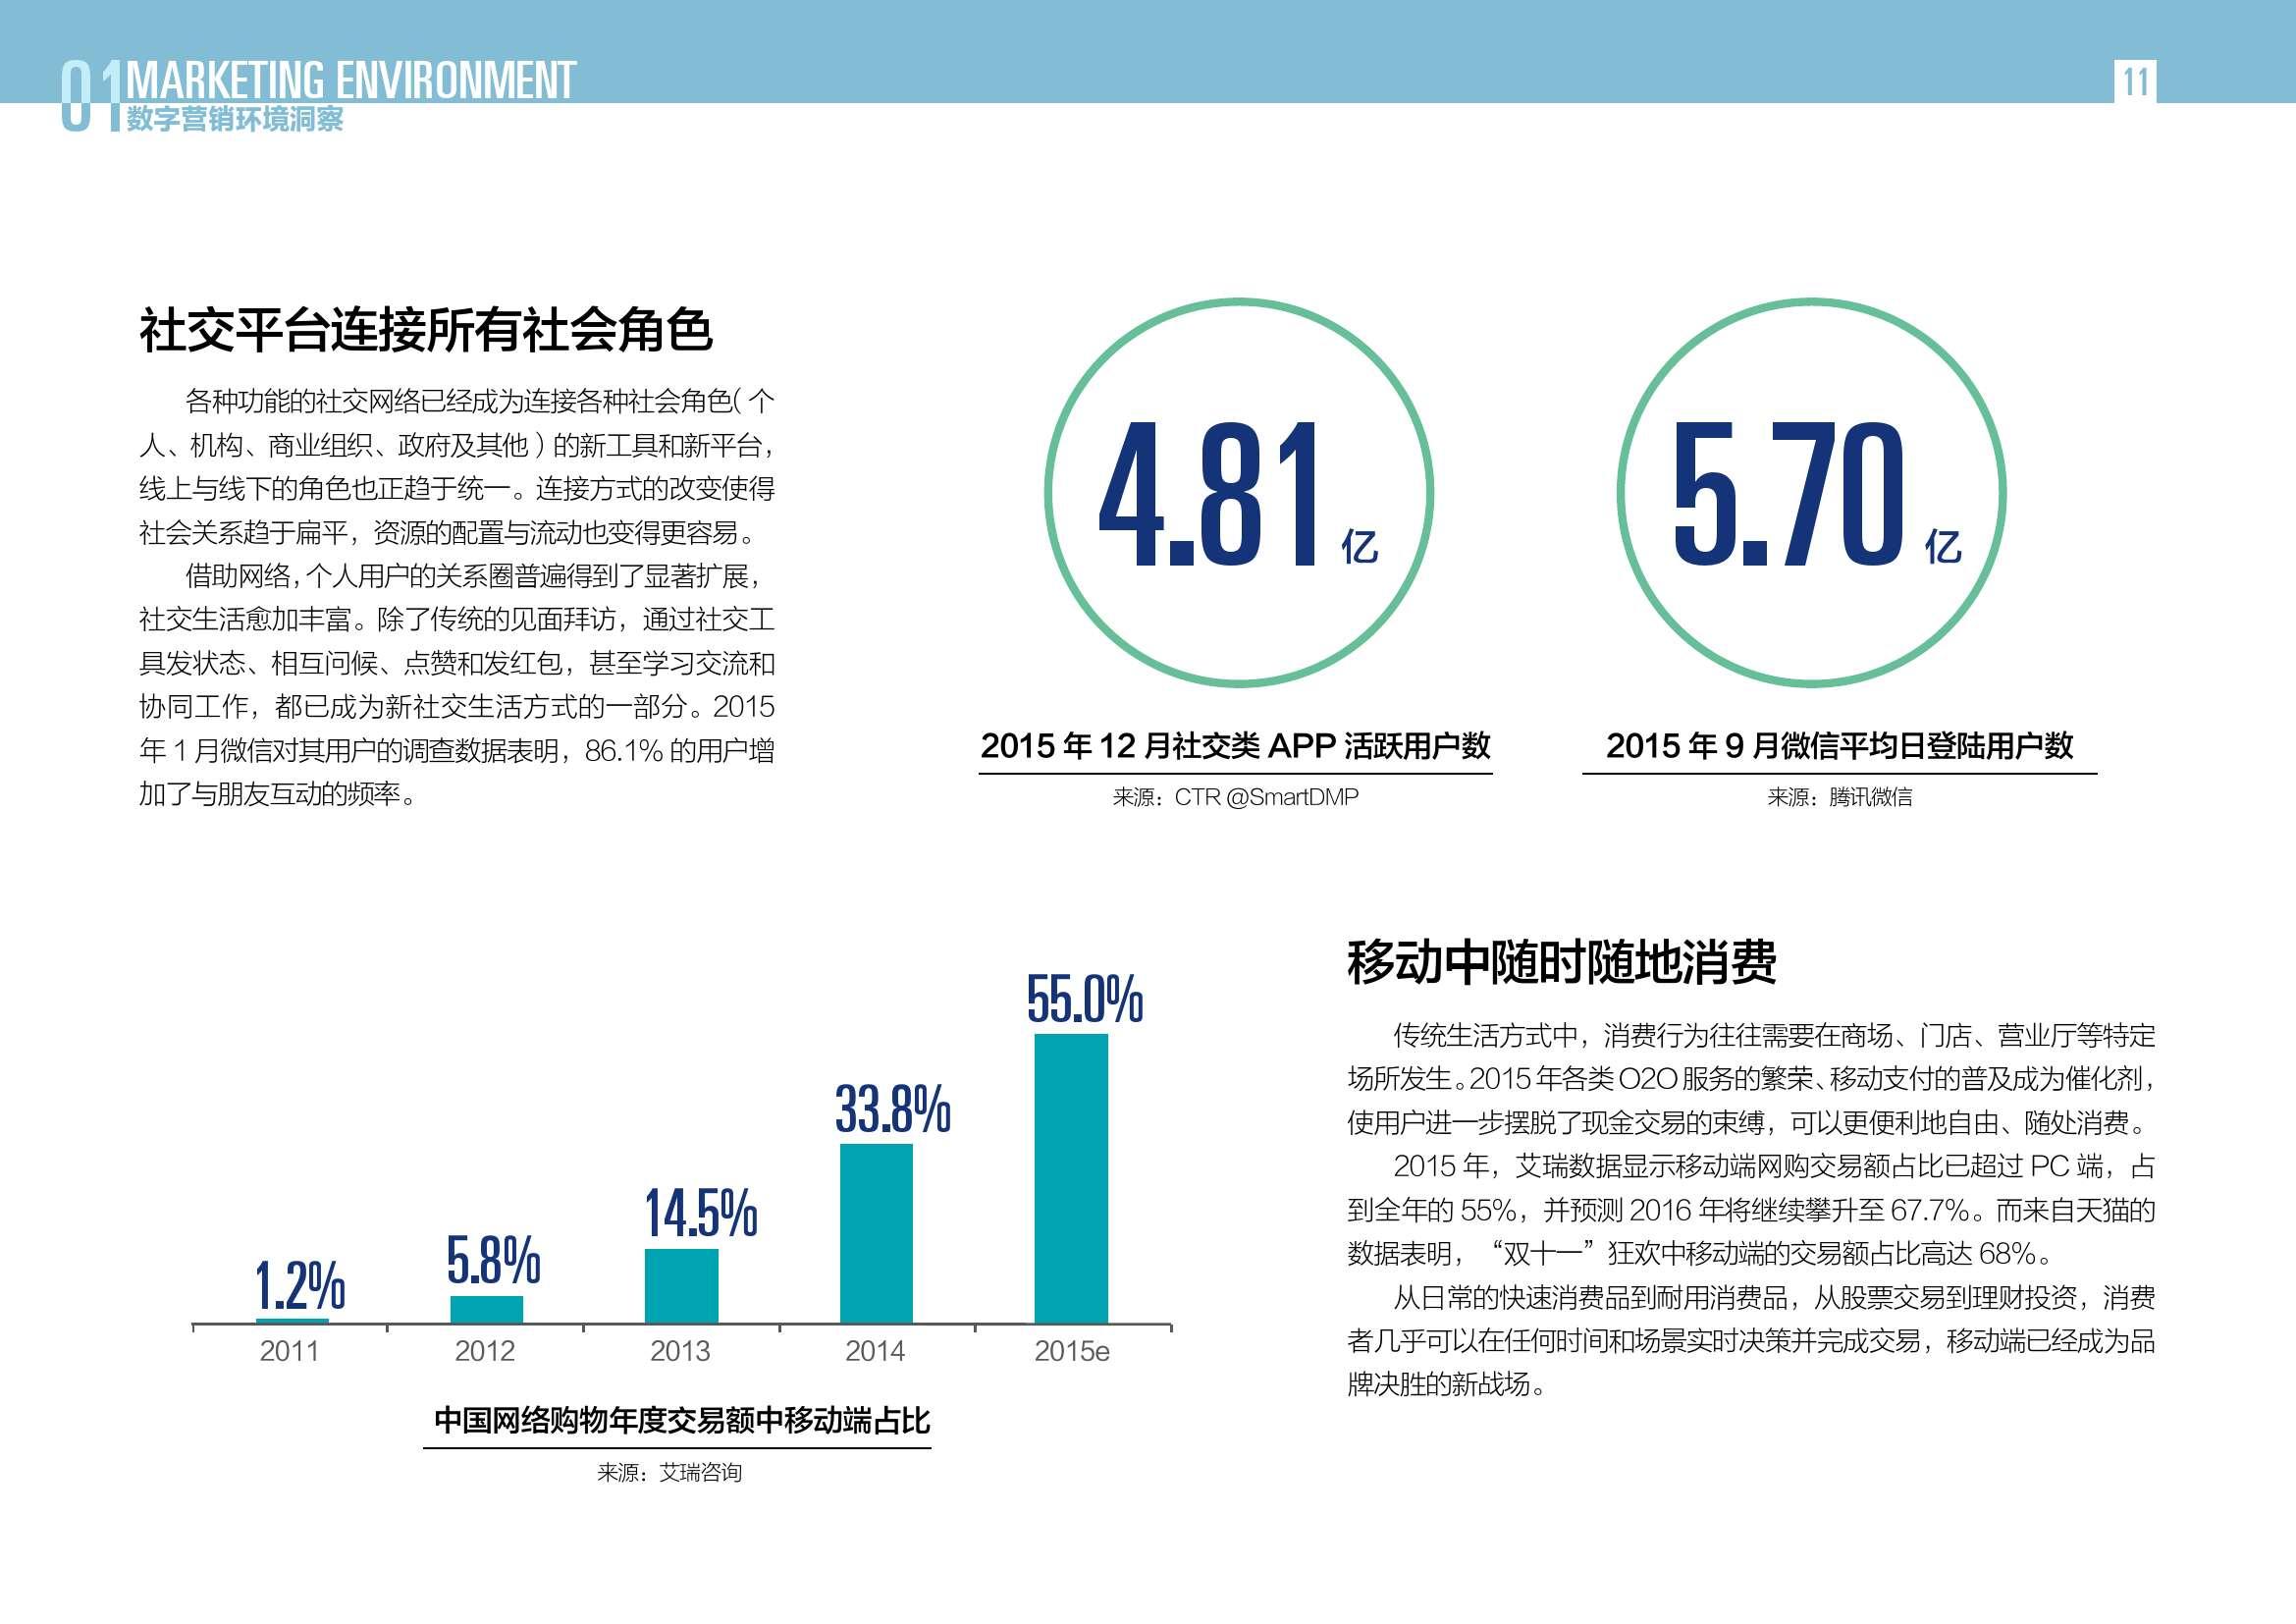 2016中国数字营销行动报告_000011